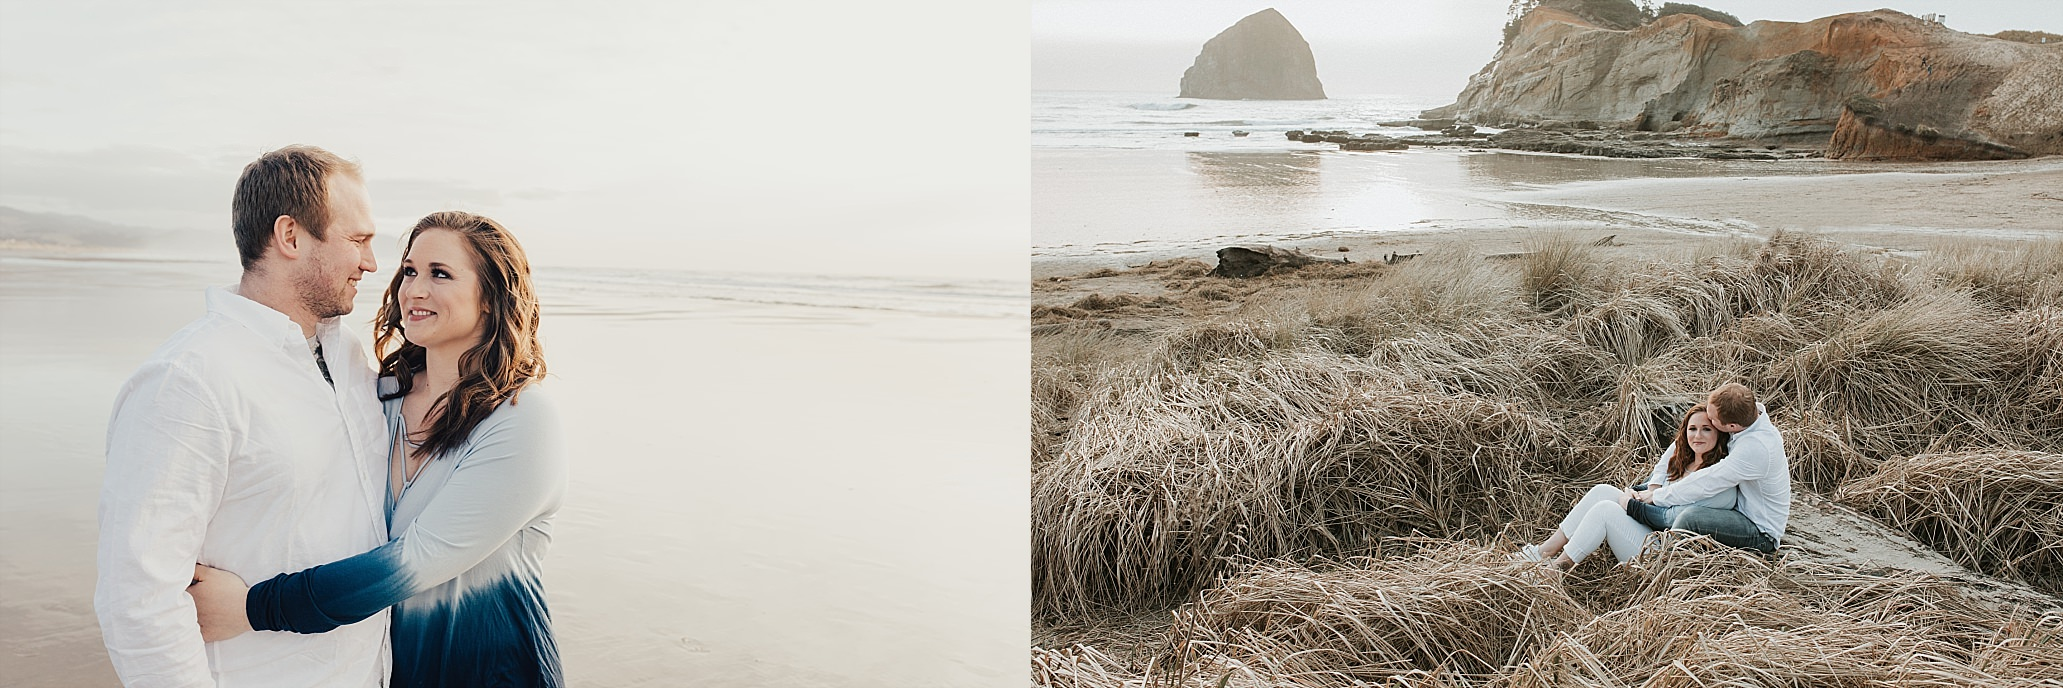 Oregon Coast Engagement Photographer (4).jpg